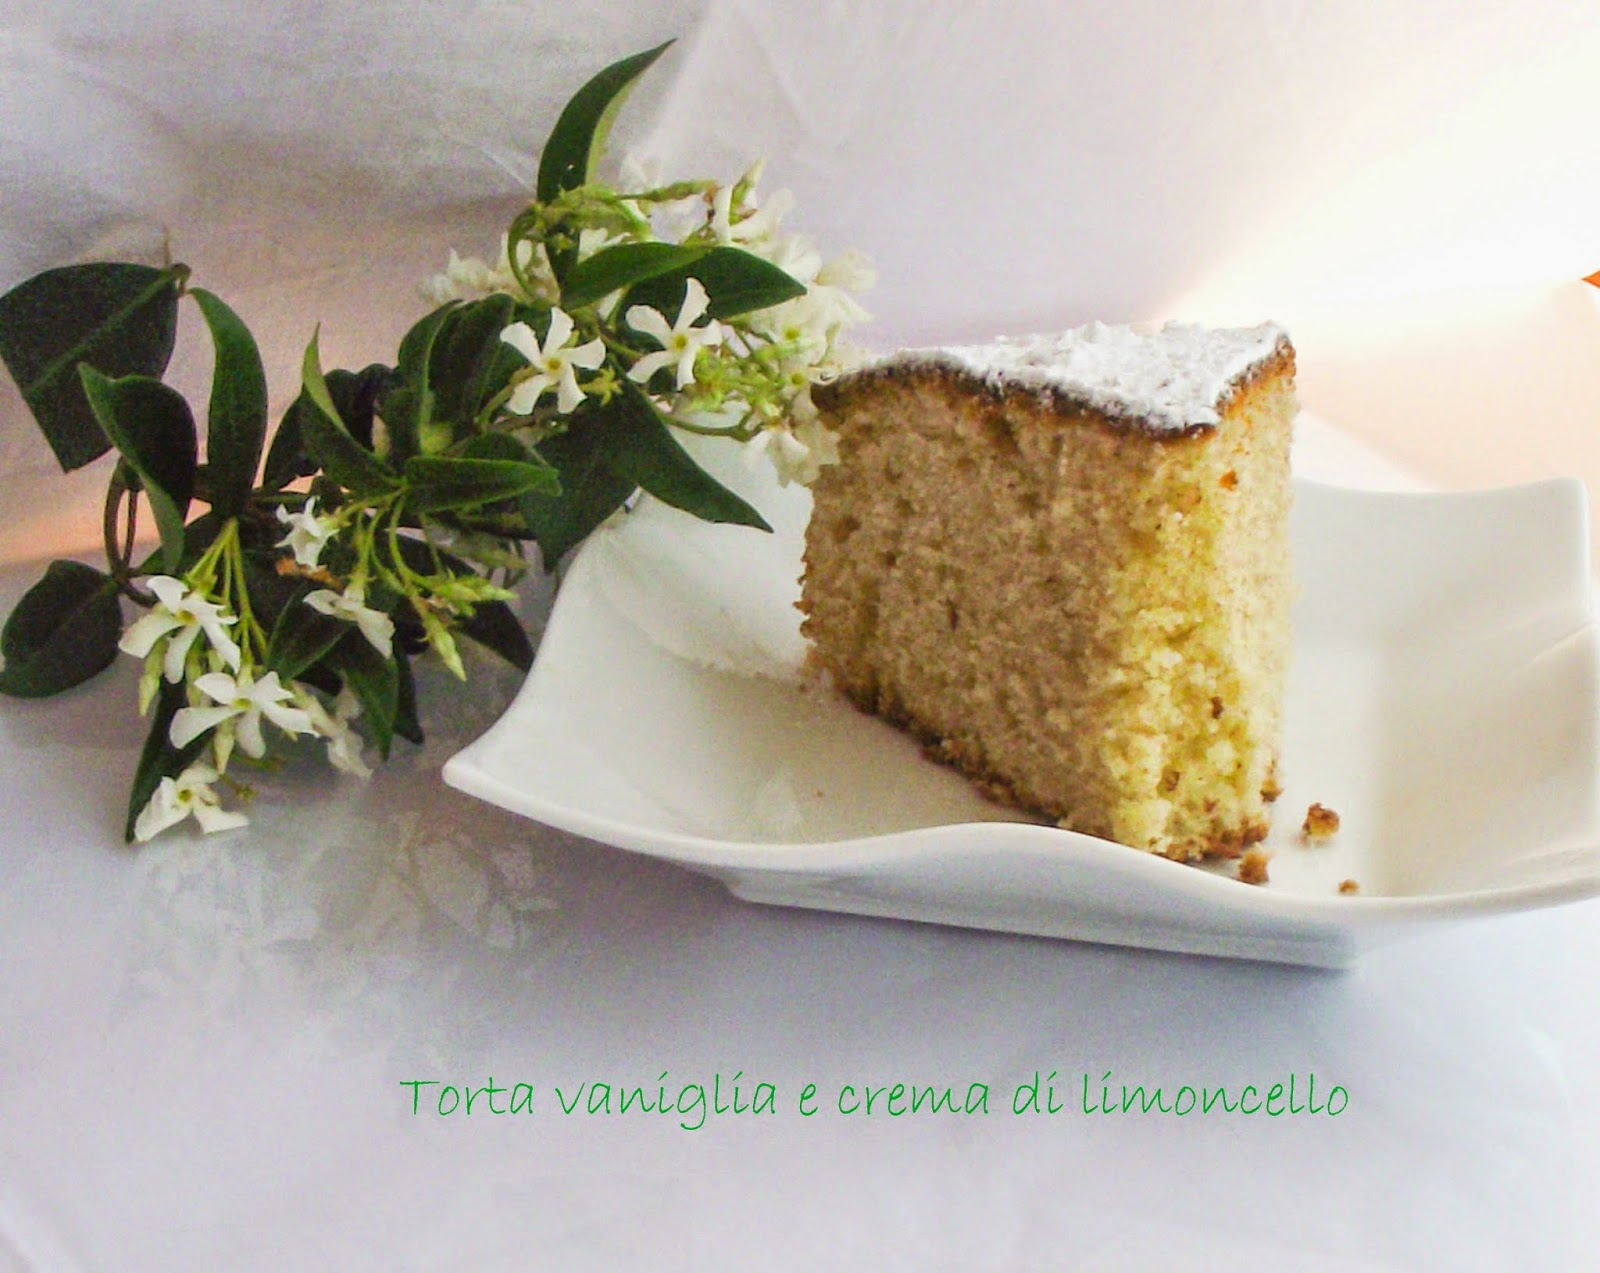 torta alla vaniglia e crema di limoncello e il giveaway di libri vagabondi